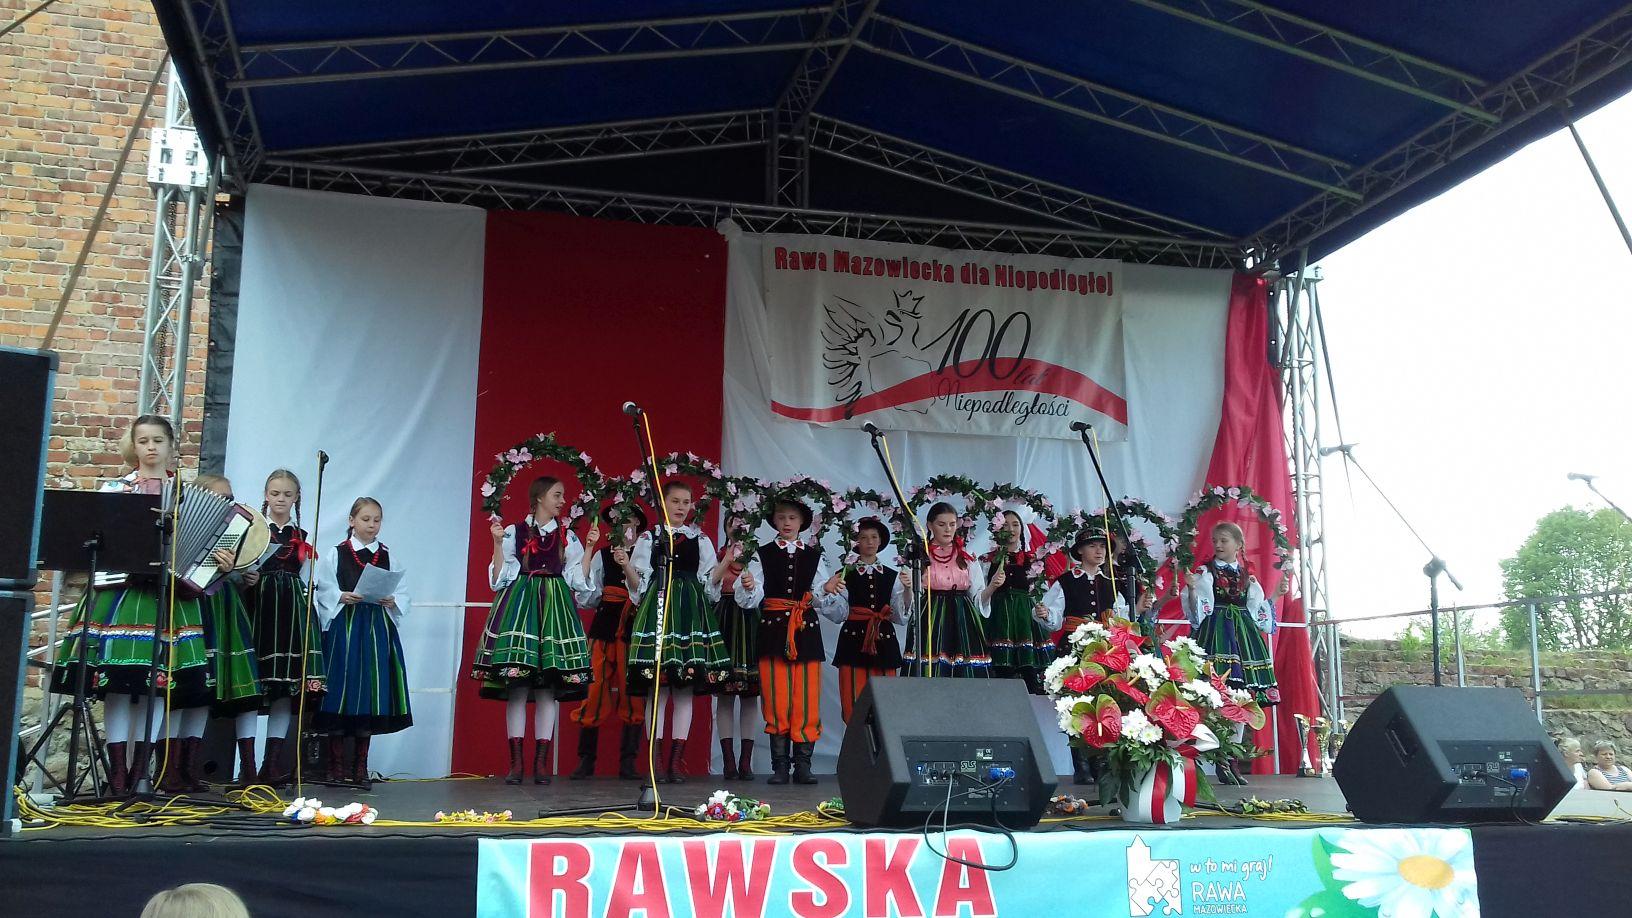 2018-05-03 Rawa Mazowiecka - Radosne Święto (49)